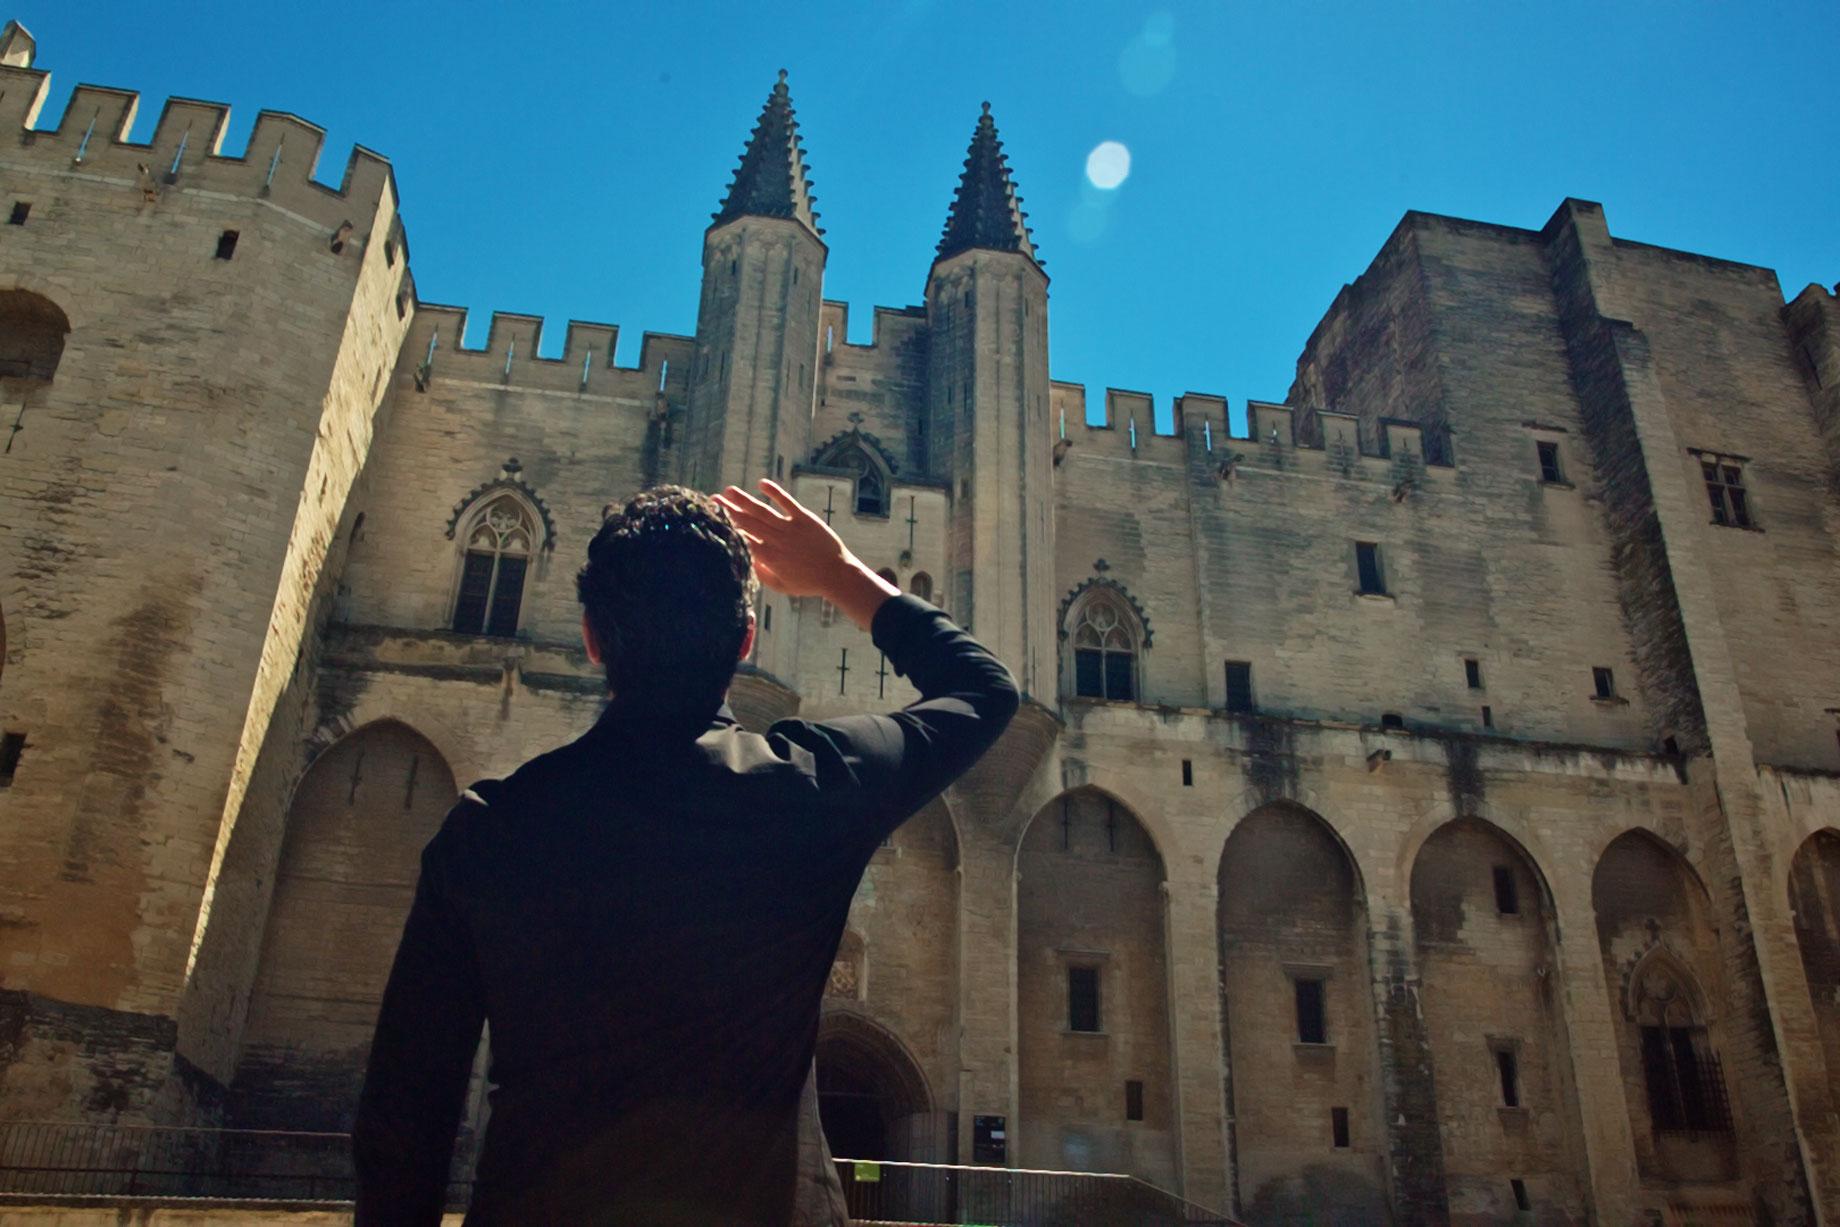 L'opération Un Rêve d'Avignon a rassemblé 14 partenaires pour 60 captations et documentaires vidéos, 60 émissions de radio et podcasts, 36 ateliers de la pensée, 15 captations projetées au Palais des papes, 9 journées de vacances apprenantes... Merci à tous !